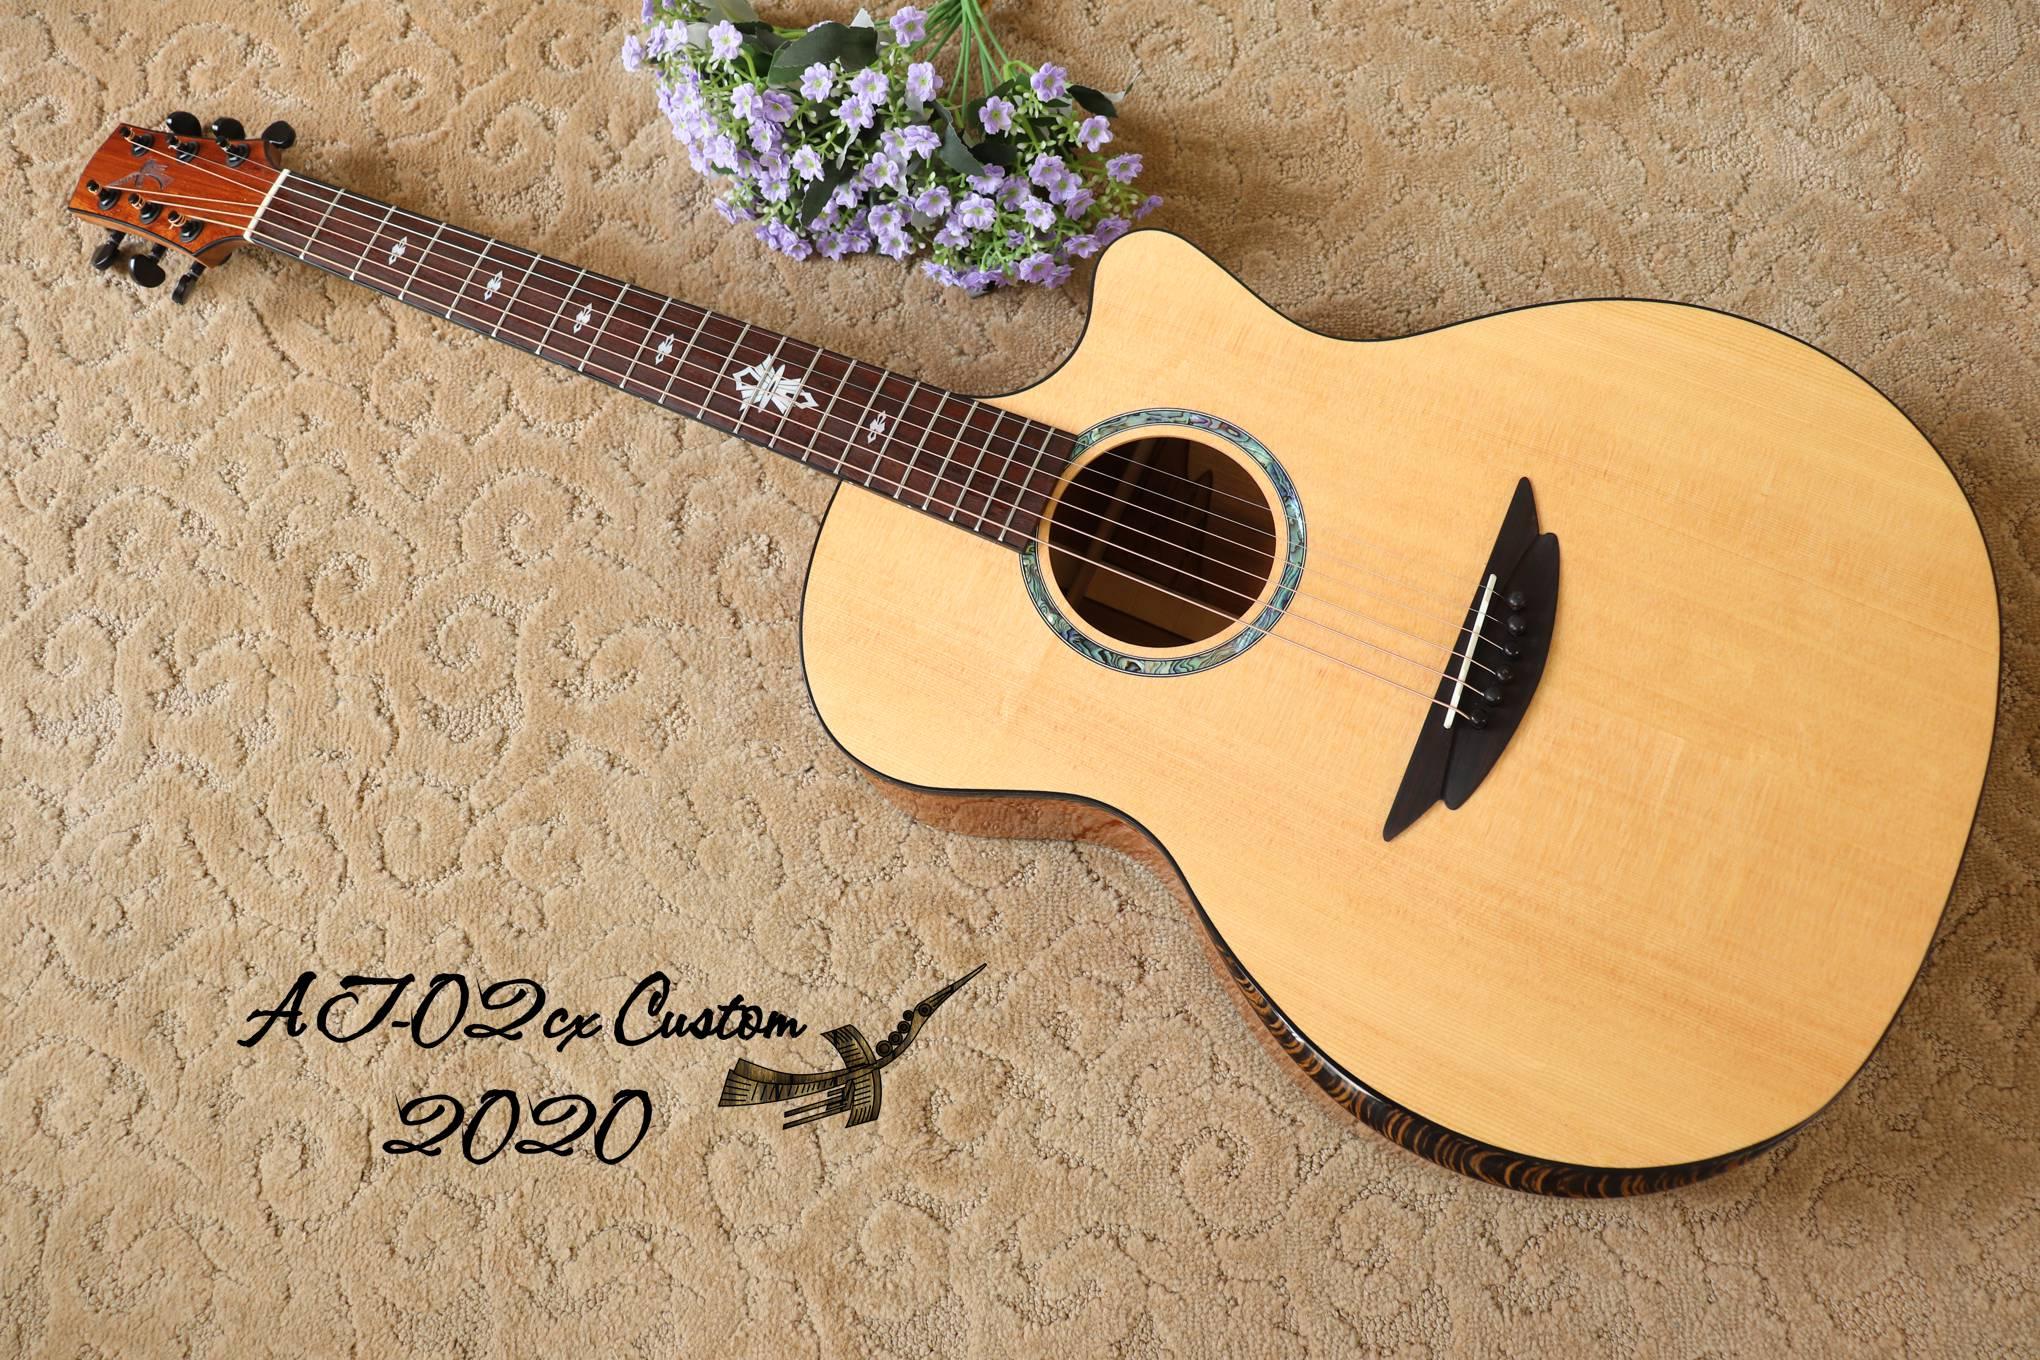 Thuận Guitar - ĐÀN GUITAR BÌNH THẠNH | GTGuitarshop | Phân Phối Thuận Guitar  - Ân Guitar Chính Hãng